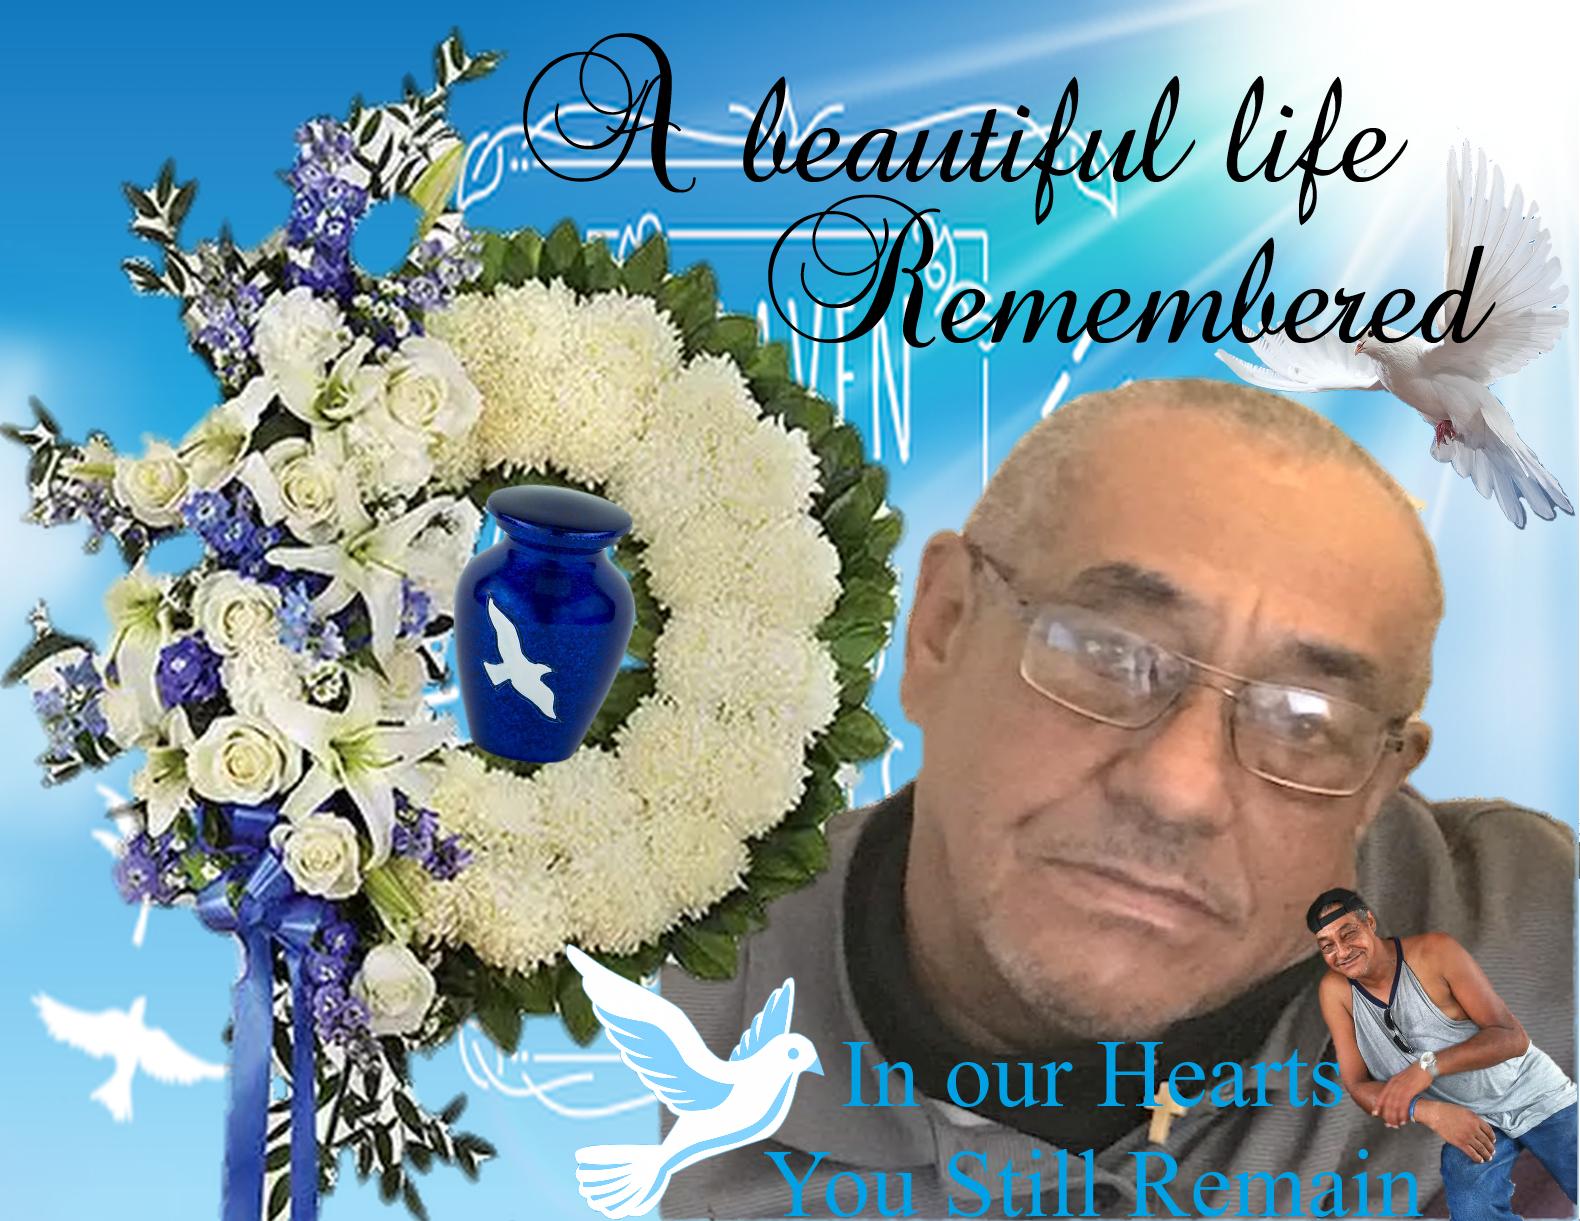 In loving memory of - Charles Lee WilsonJuly 6, 1952 - April 16, 2020